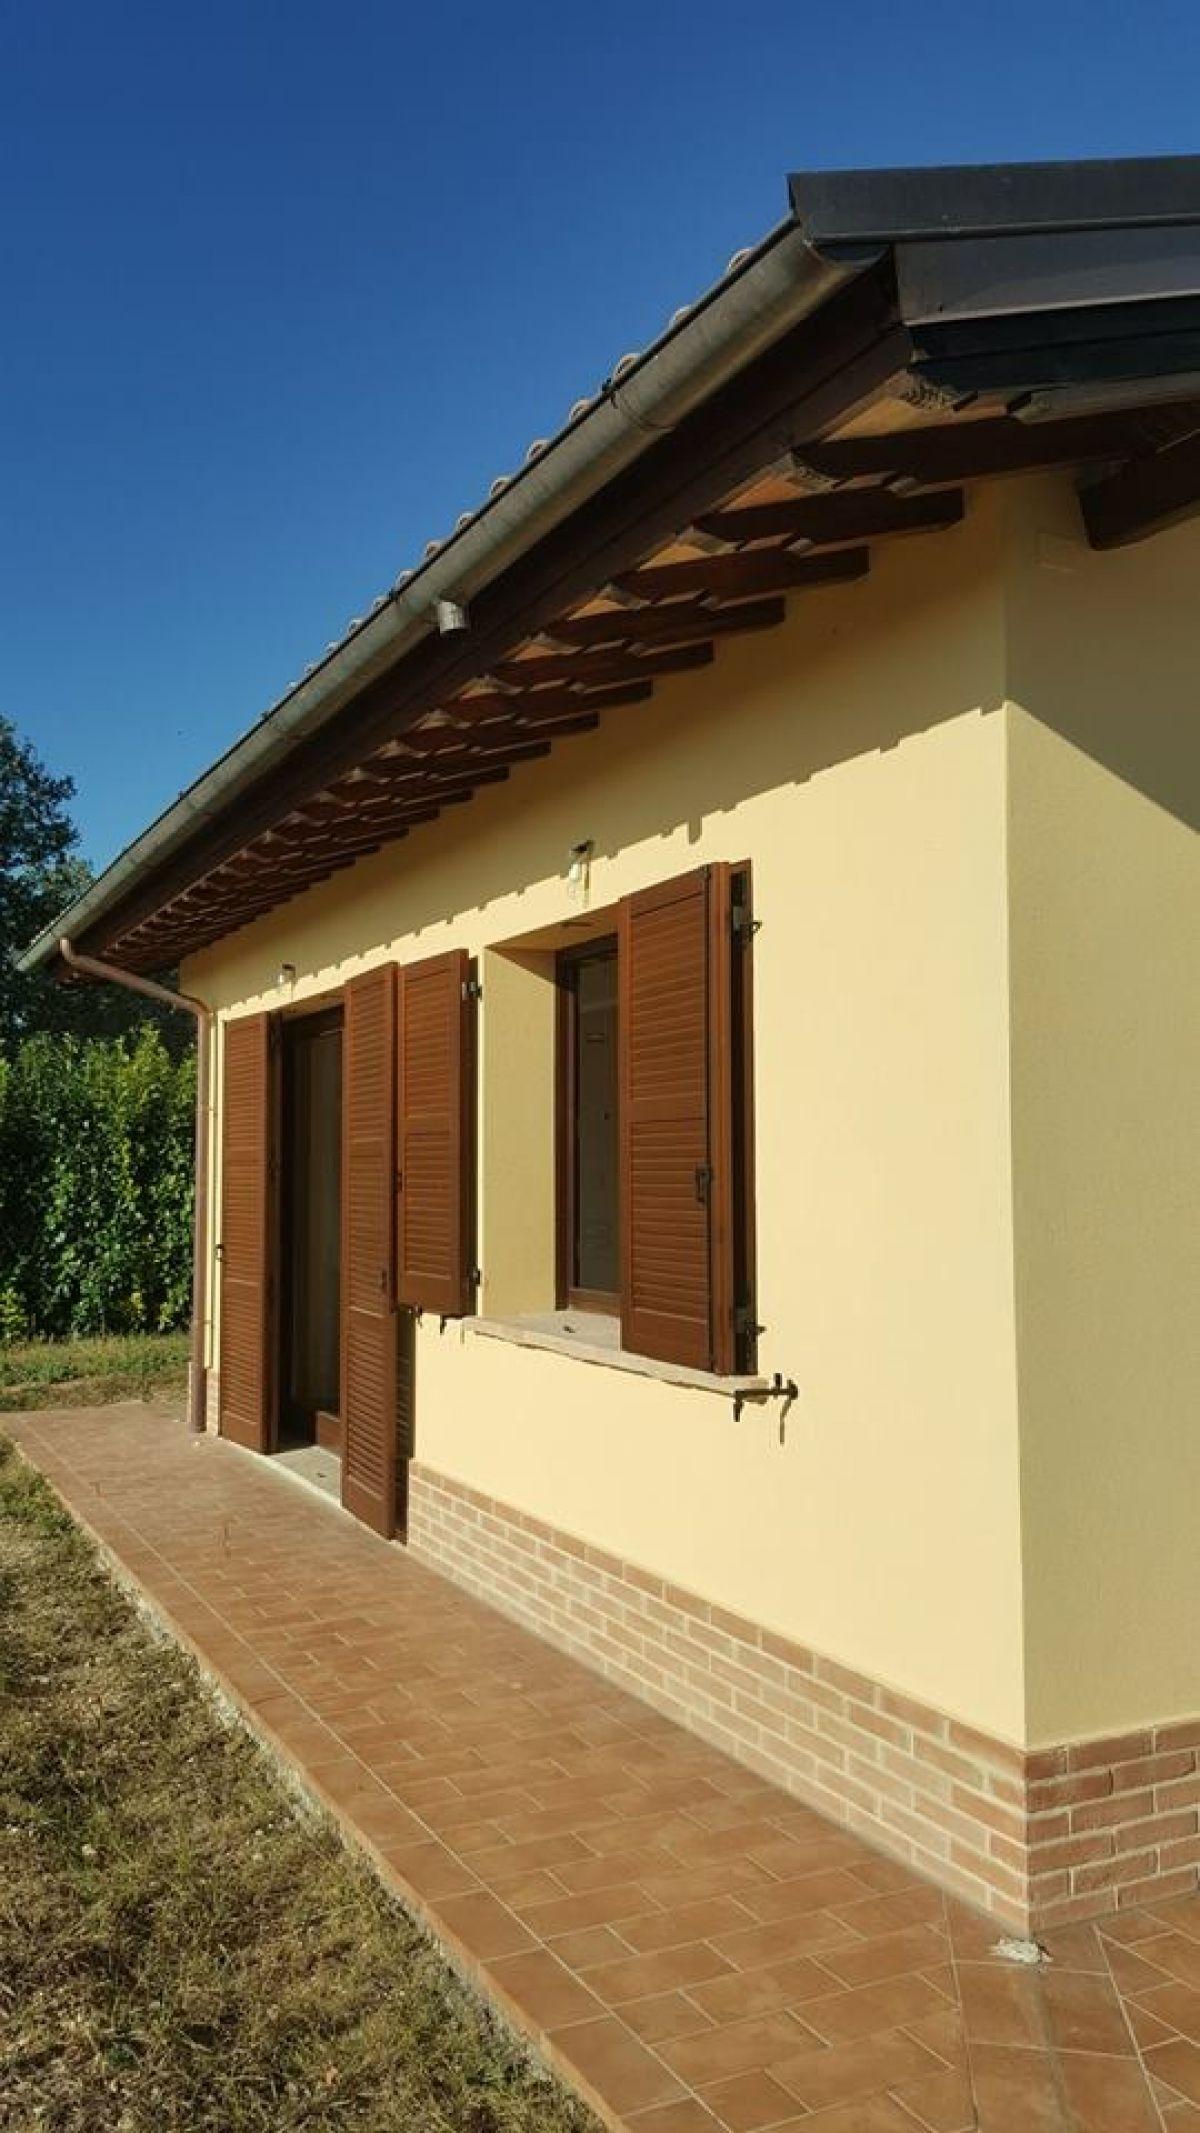 Casa in legno modello villetta da mq 100 in assisi di c e for Case in legno 100 mq